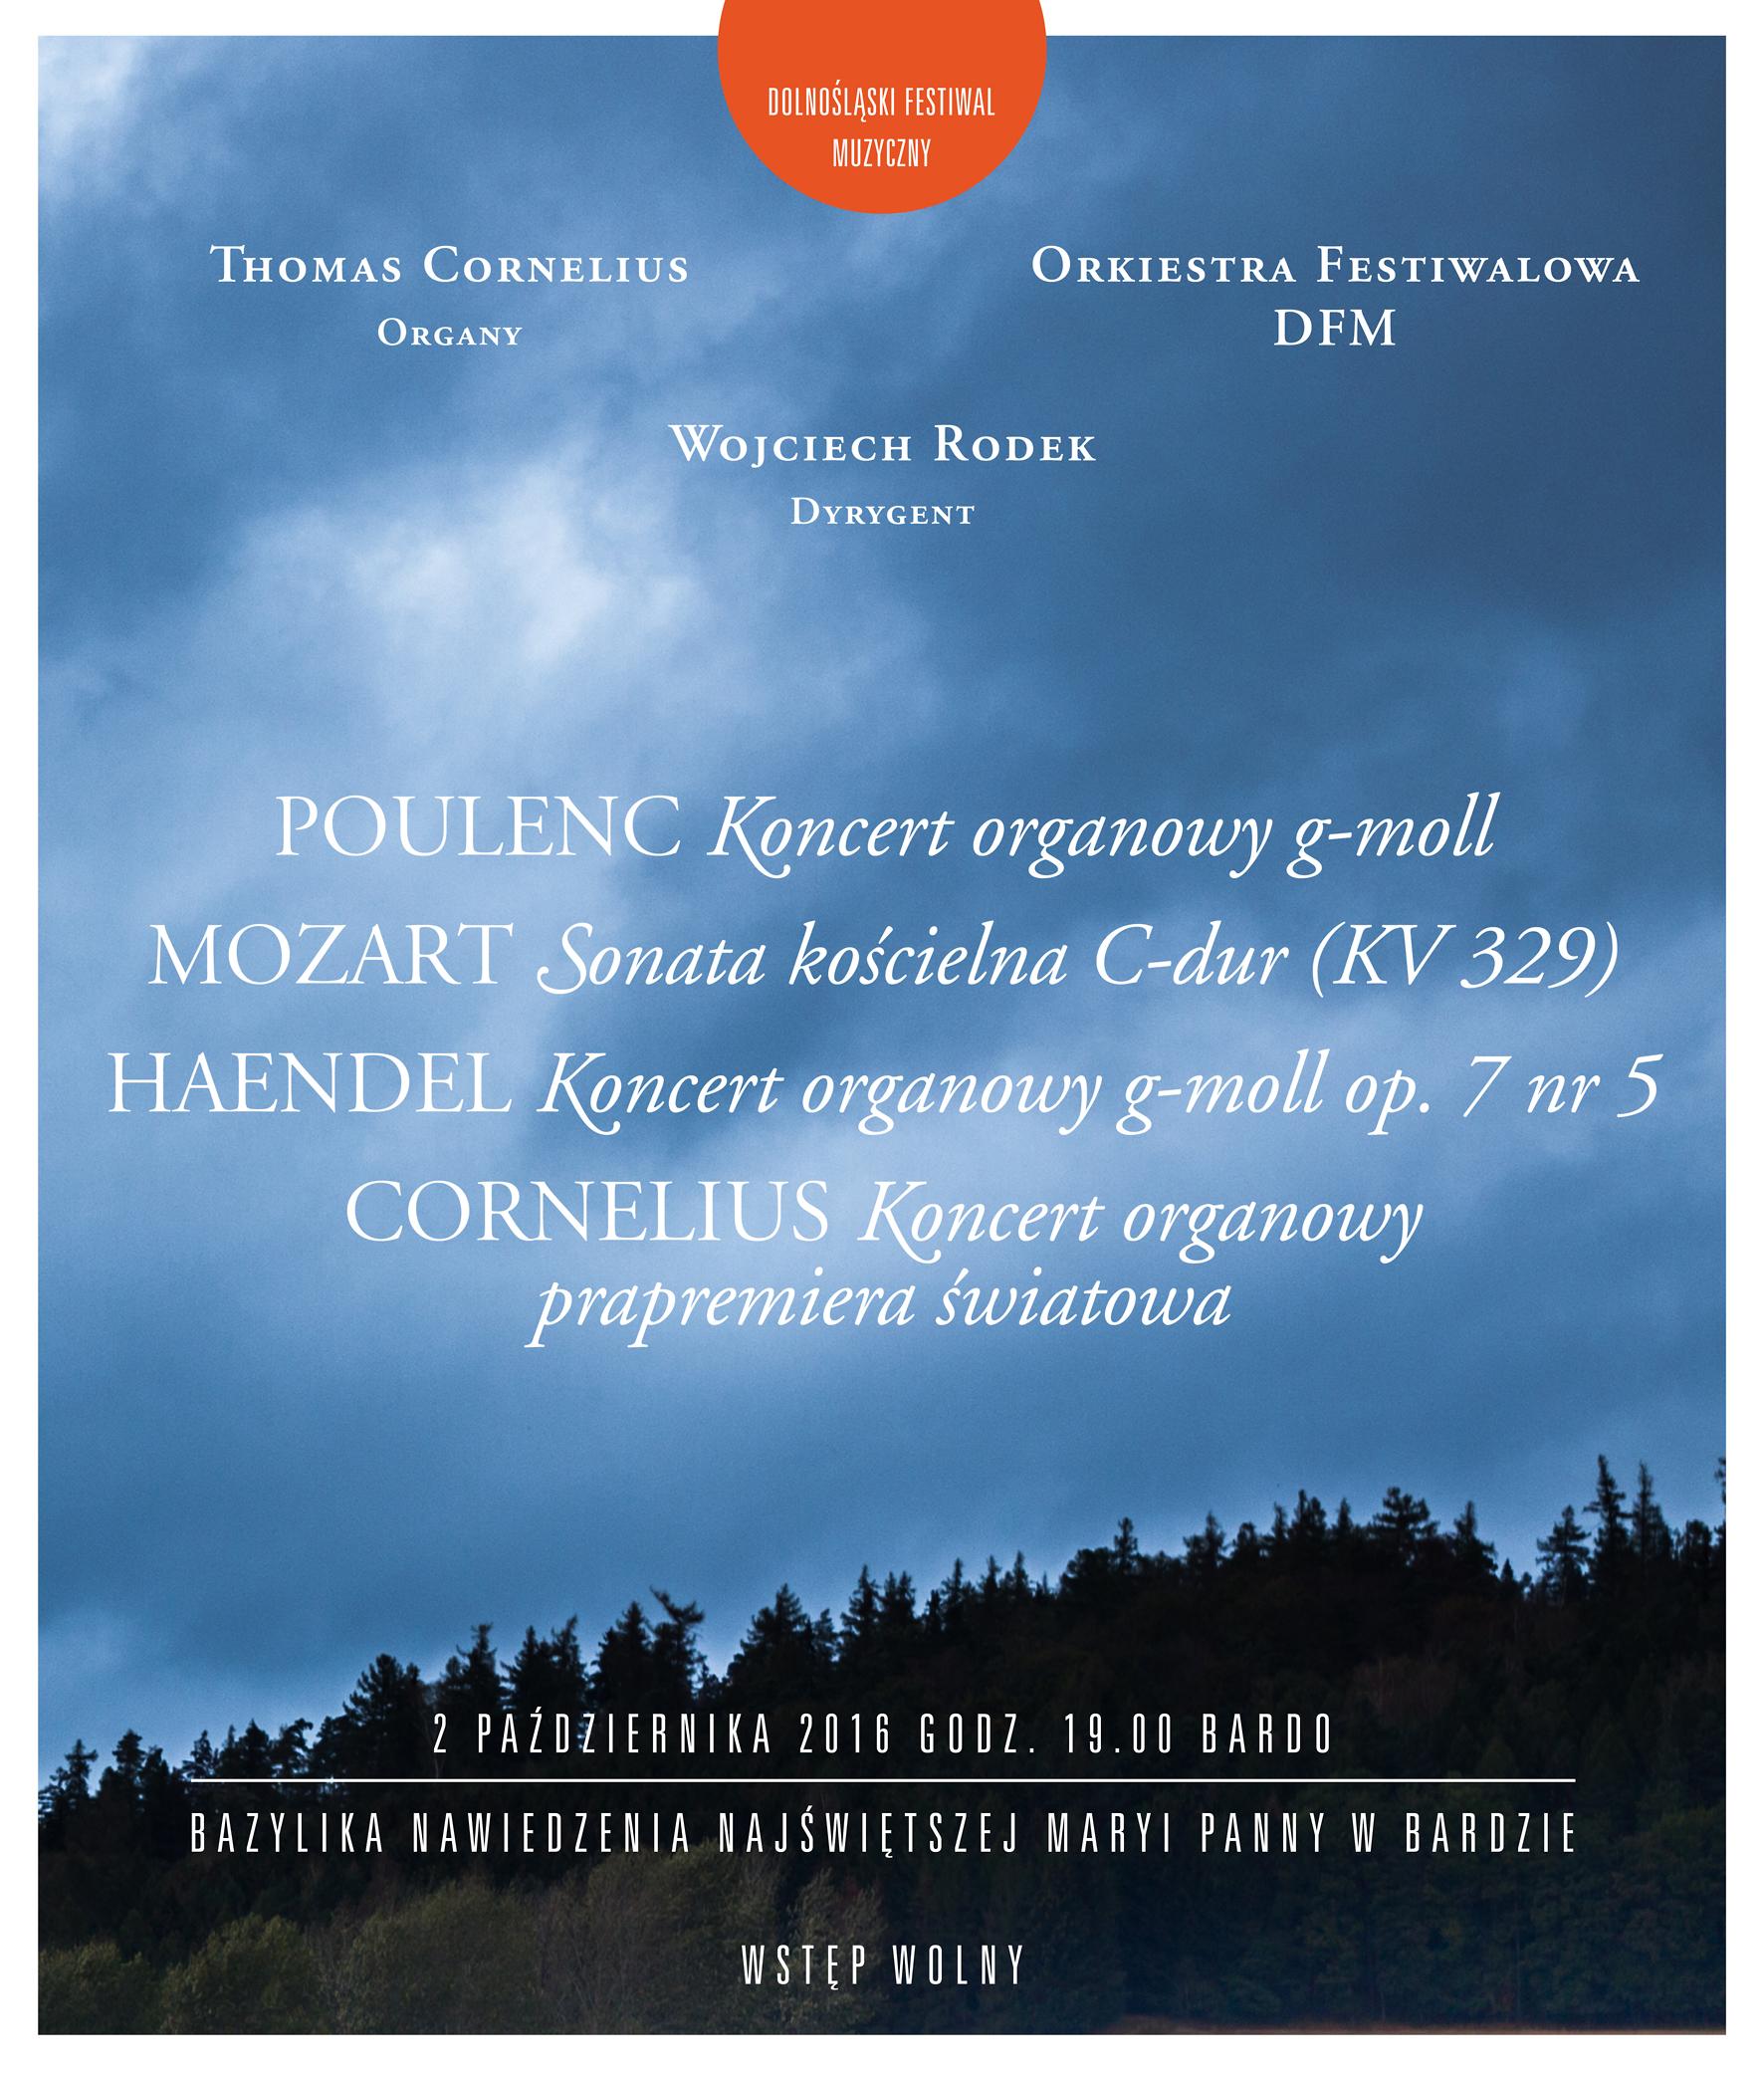 Dolnośląski festiwal Muzyczny - koncert